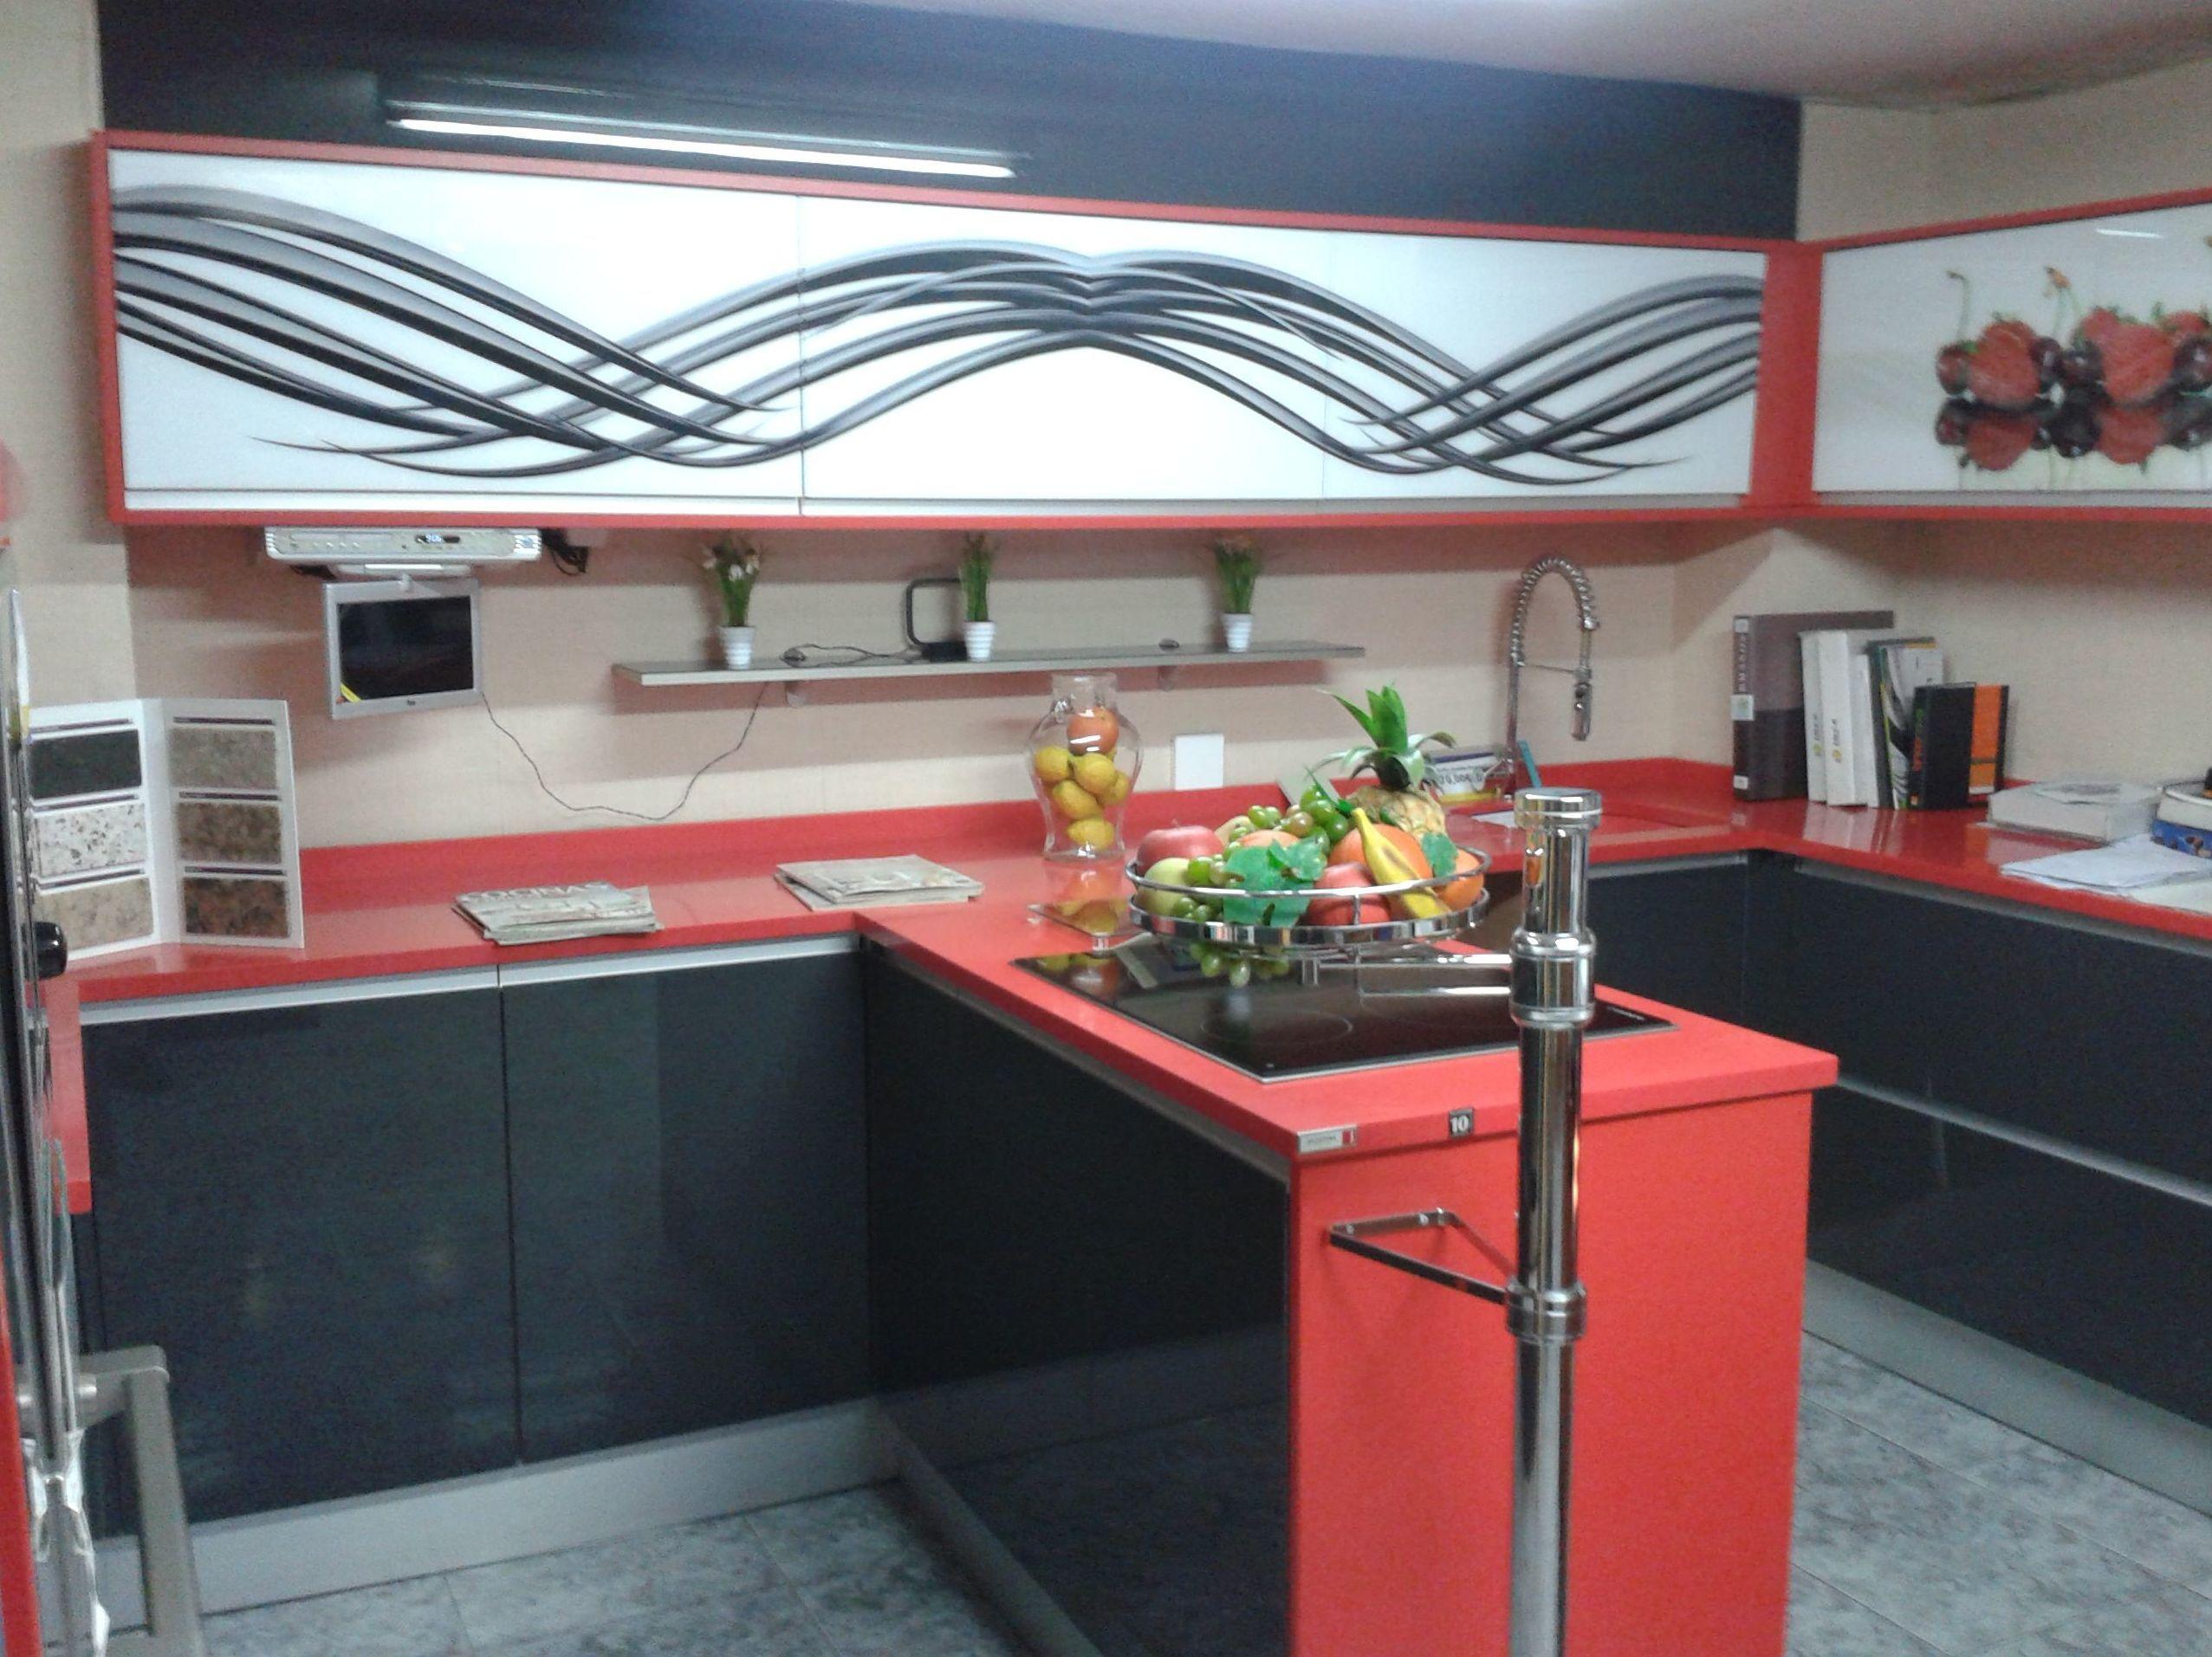 Ver muebles de cocina modernos muebles de cocina modernos for Ver muebles de cocina